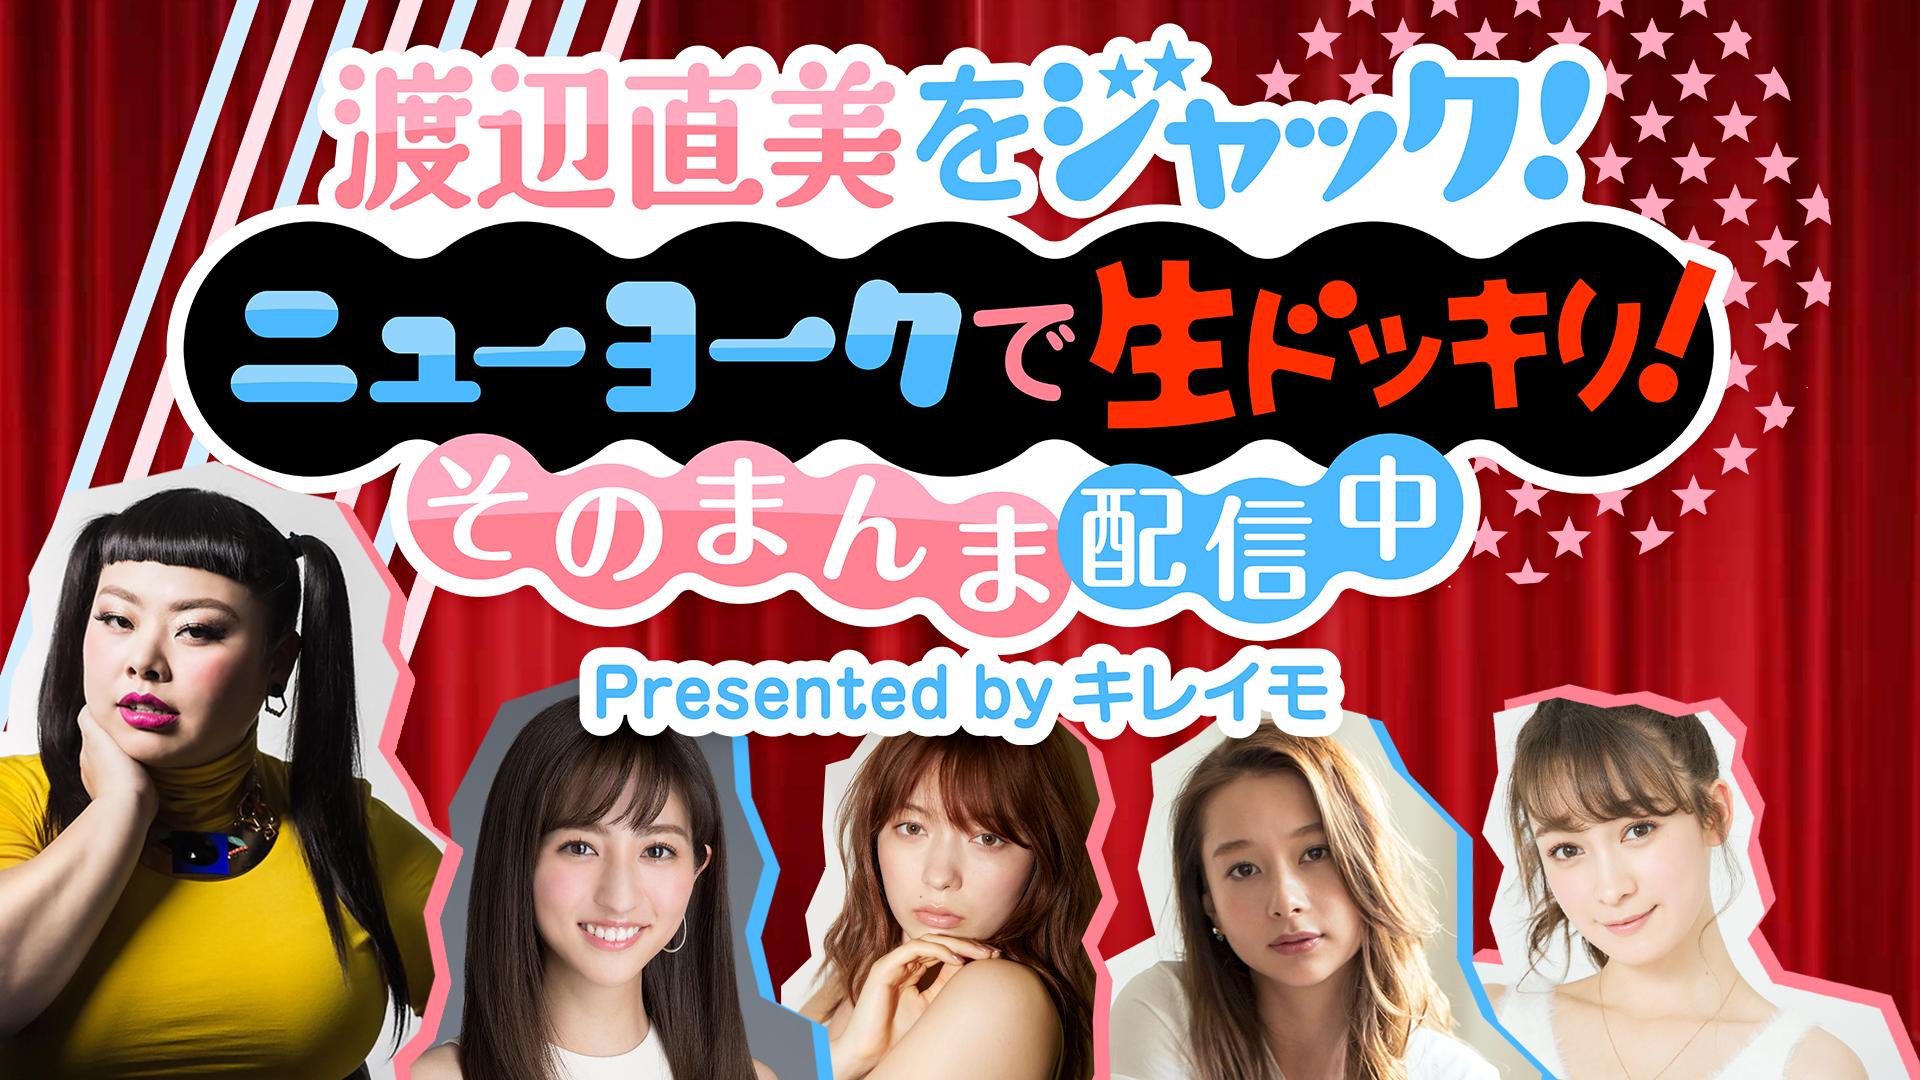 http://news.yoshimoto.co.jp/20180601141751-c01b177d85c8bdd13fbc1ea505f8c9a7ddb4f4aa.png